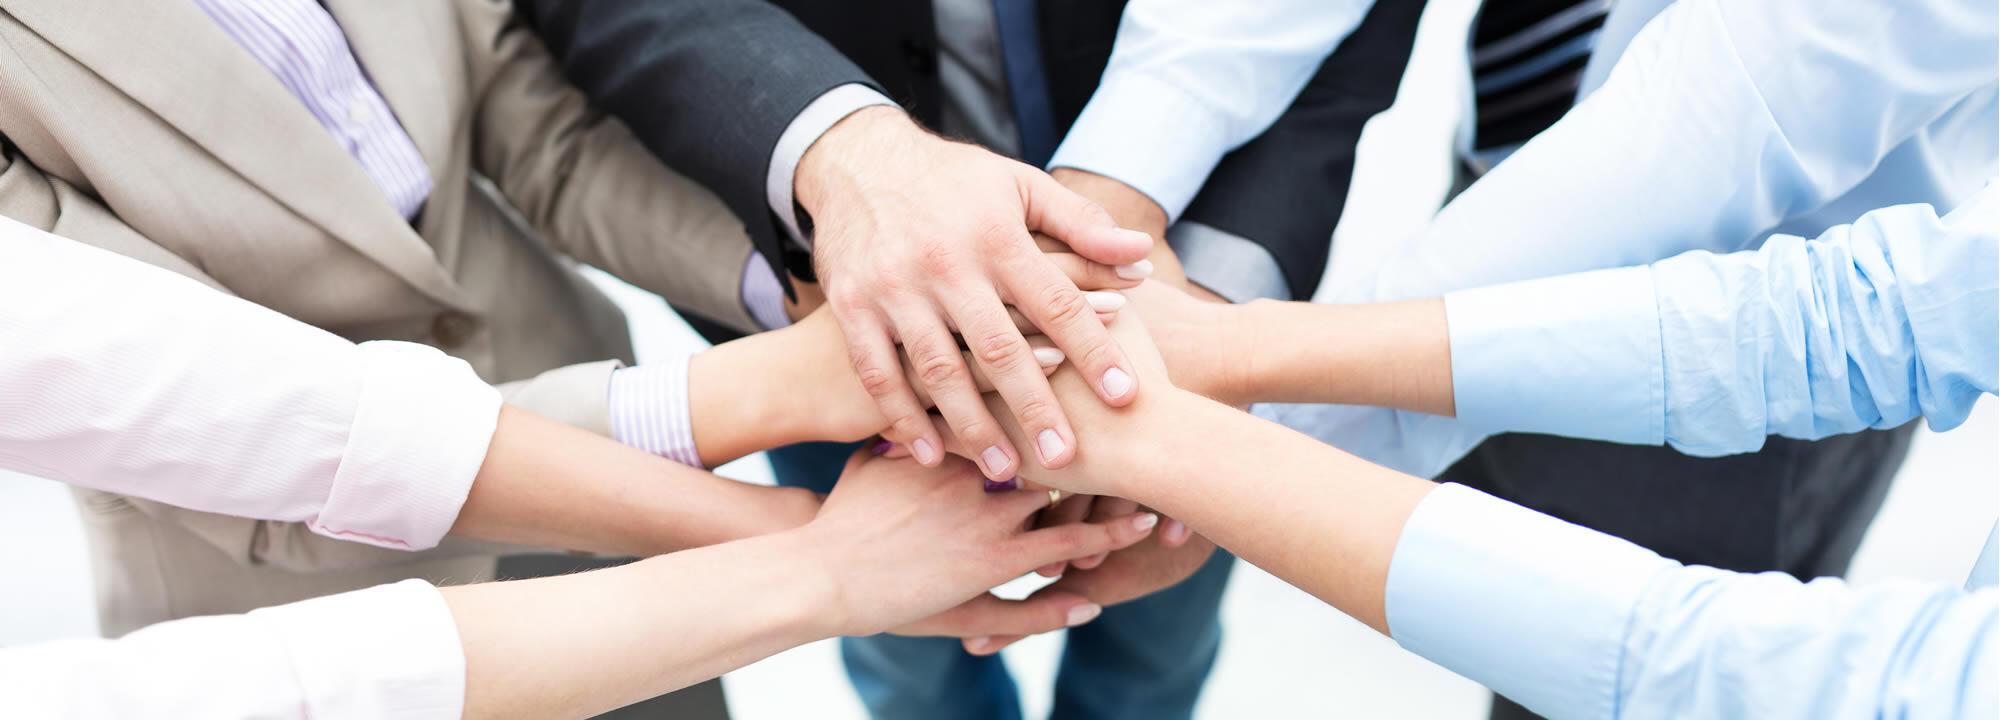 <span class='little'>Blugas: un partner in grado di generare relazioni di fiducia e valore</span>